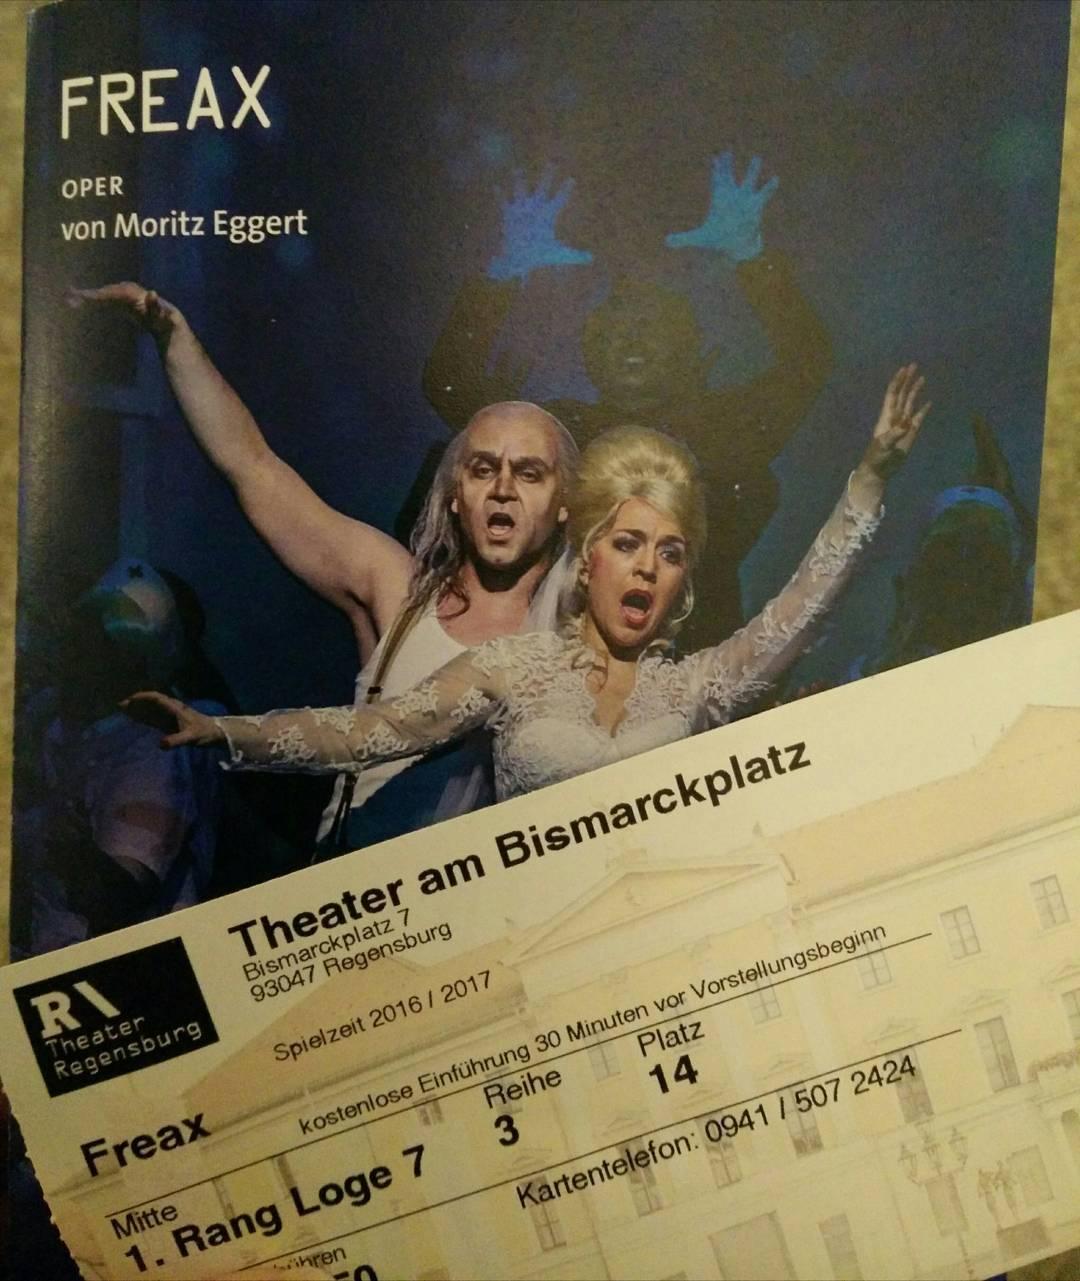 Ich bin sehr gespannt wie gut MoritzEggert in der Operhellip